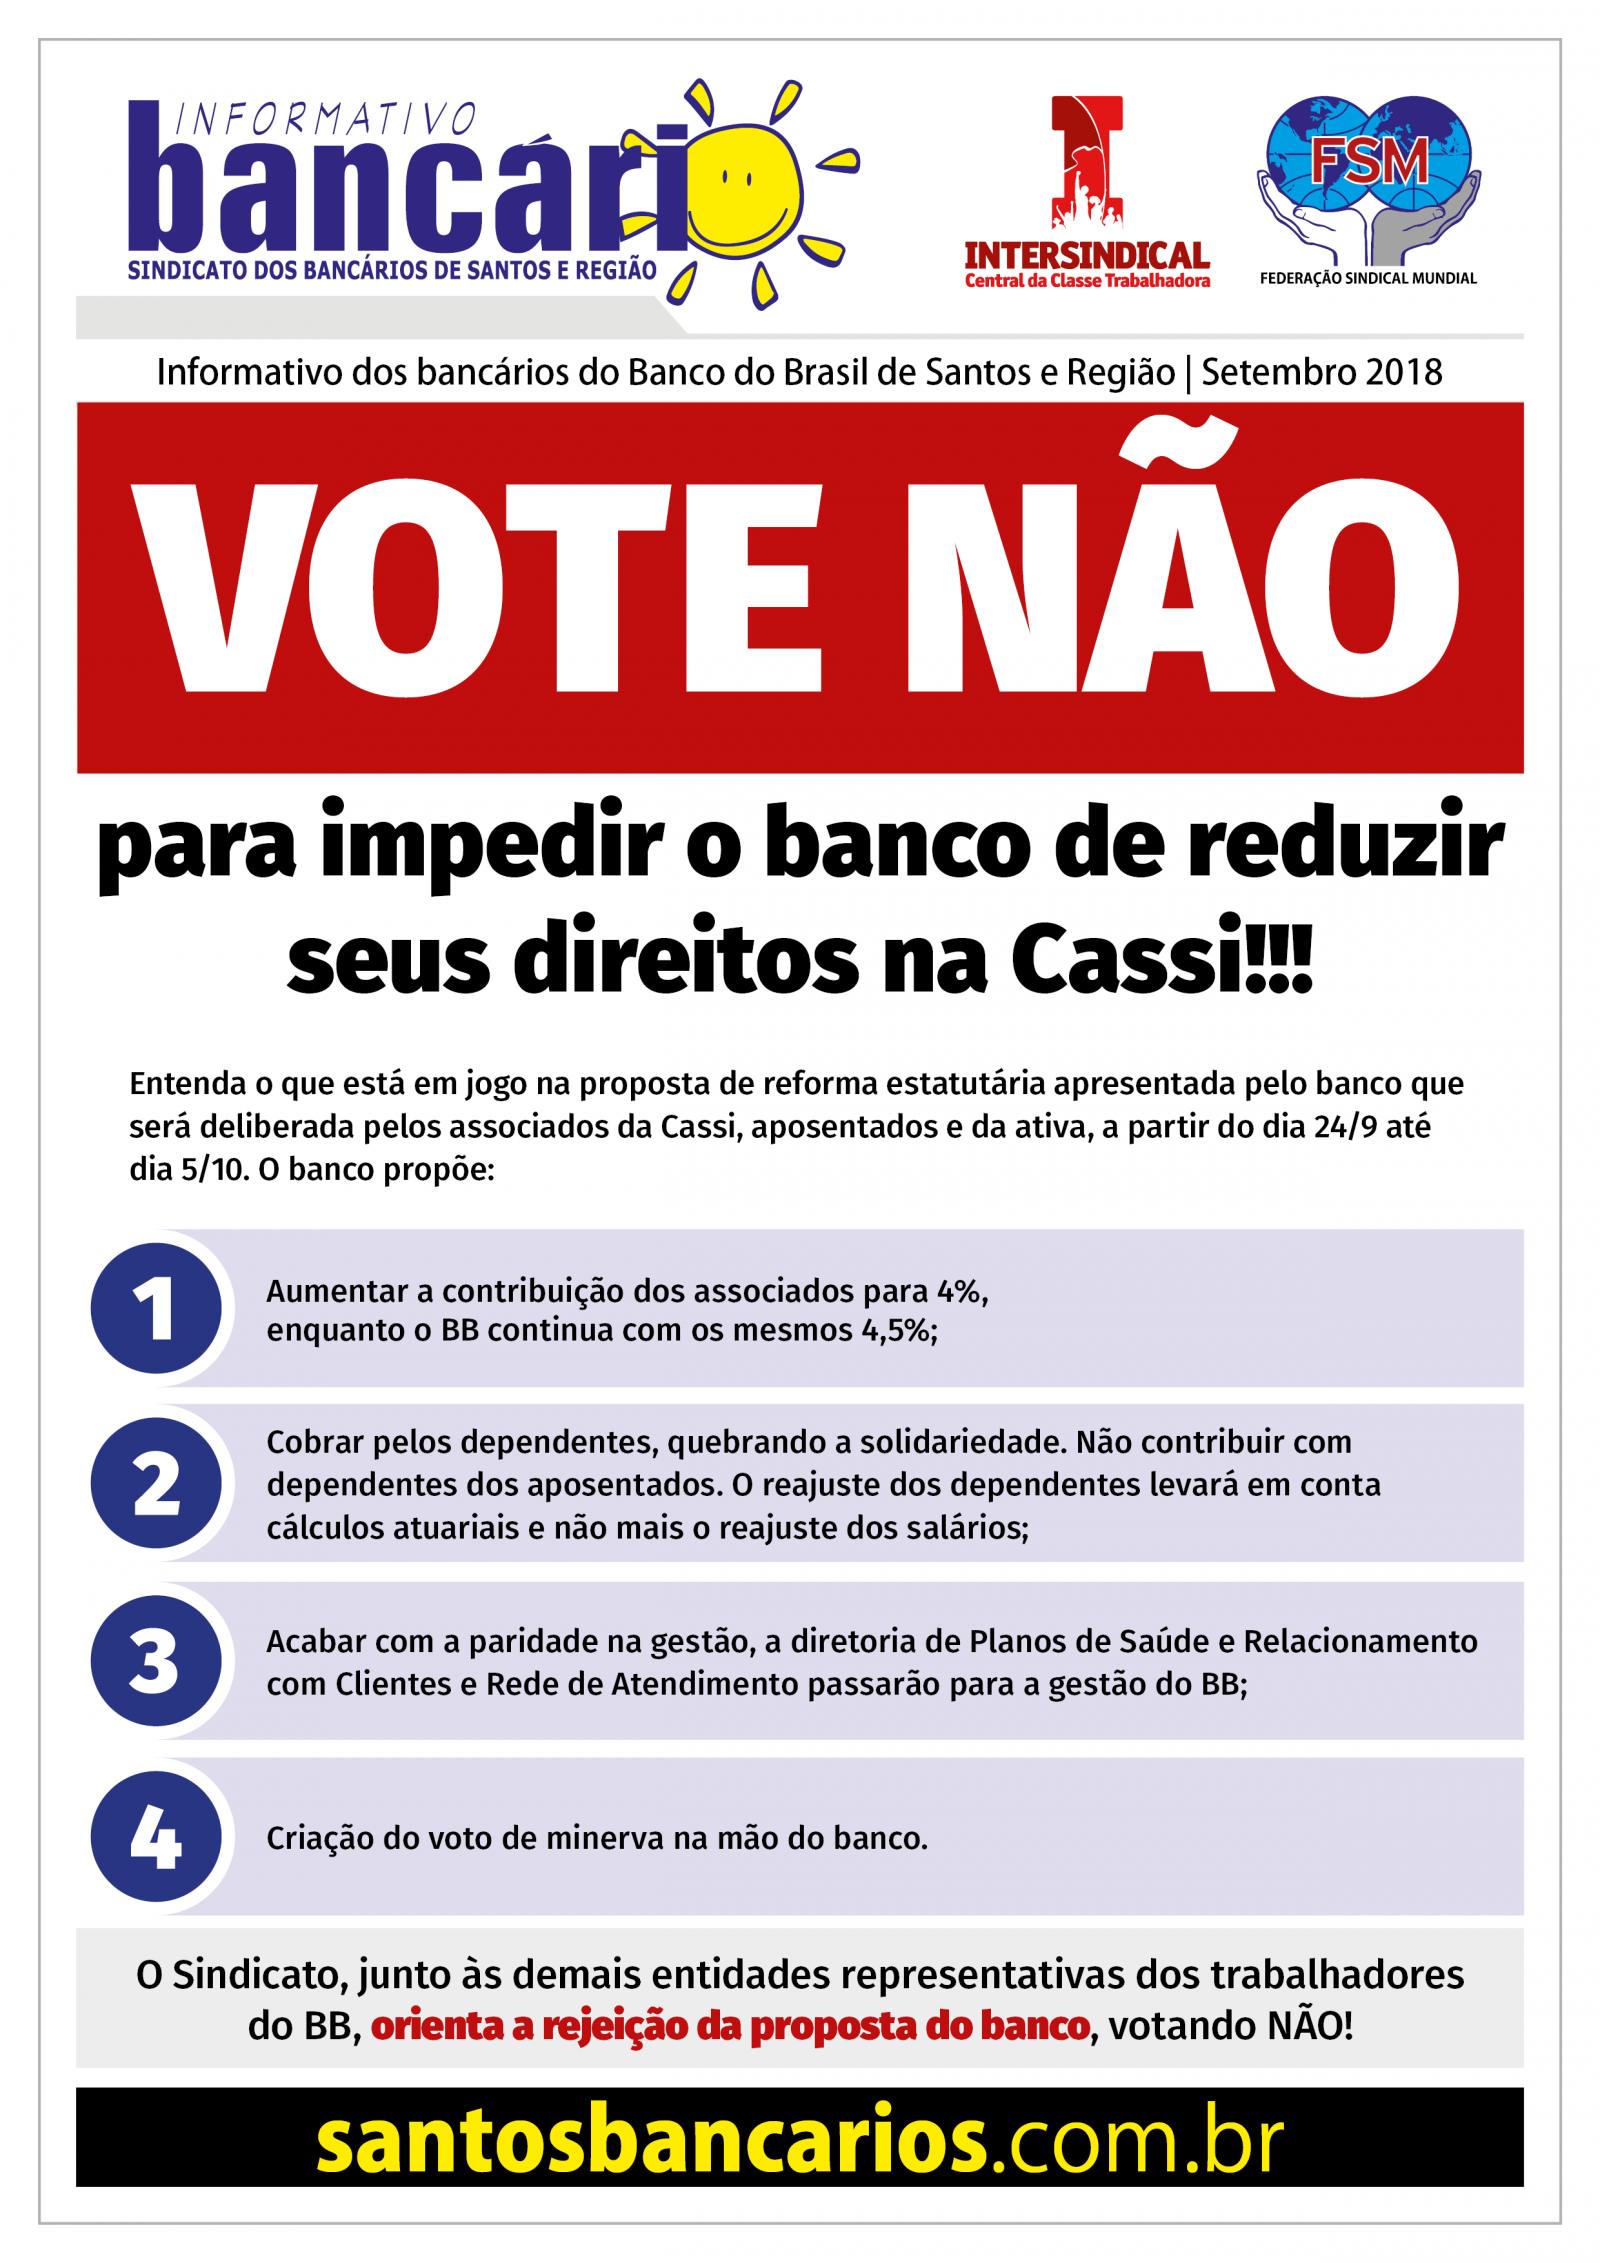 Vote não para impedir o banco de reduzir seus direitos na Cassi!